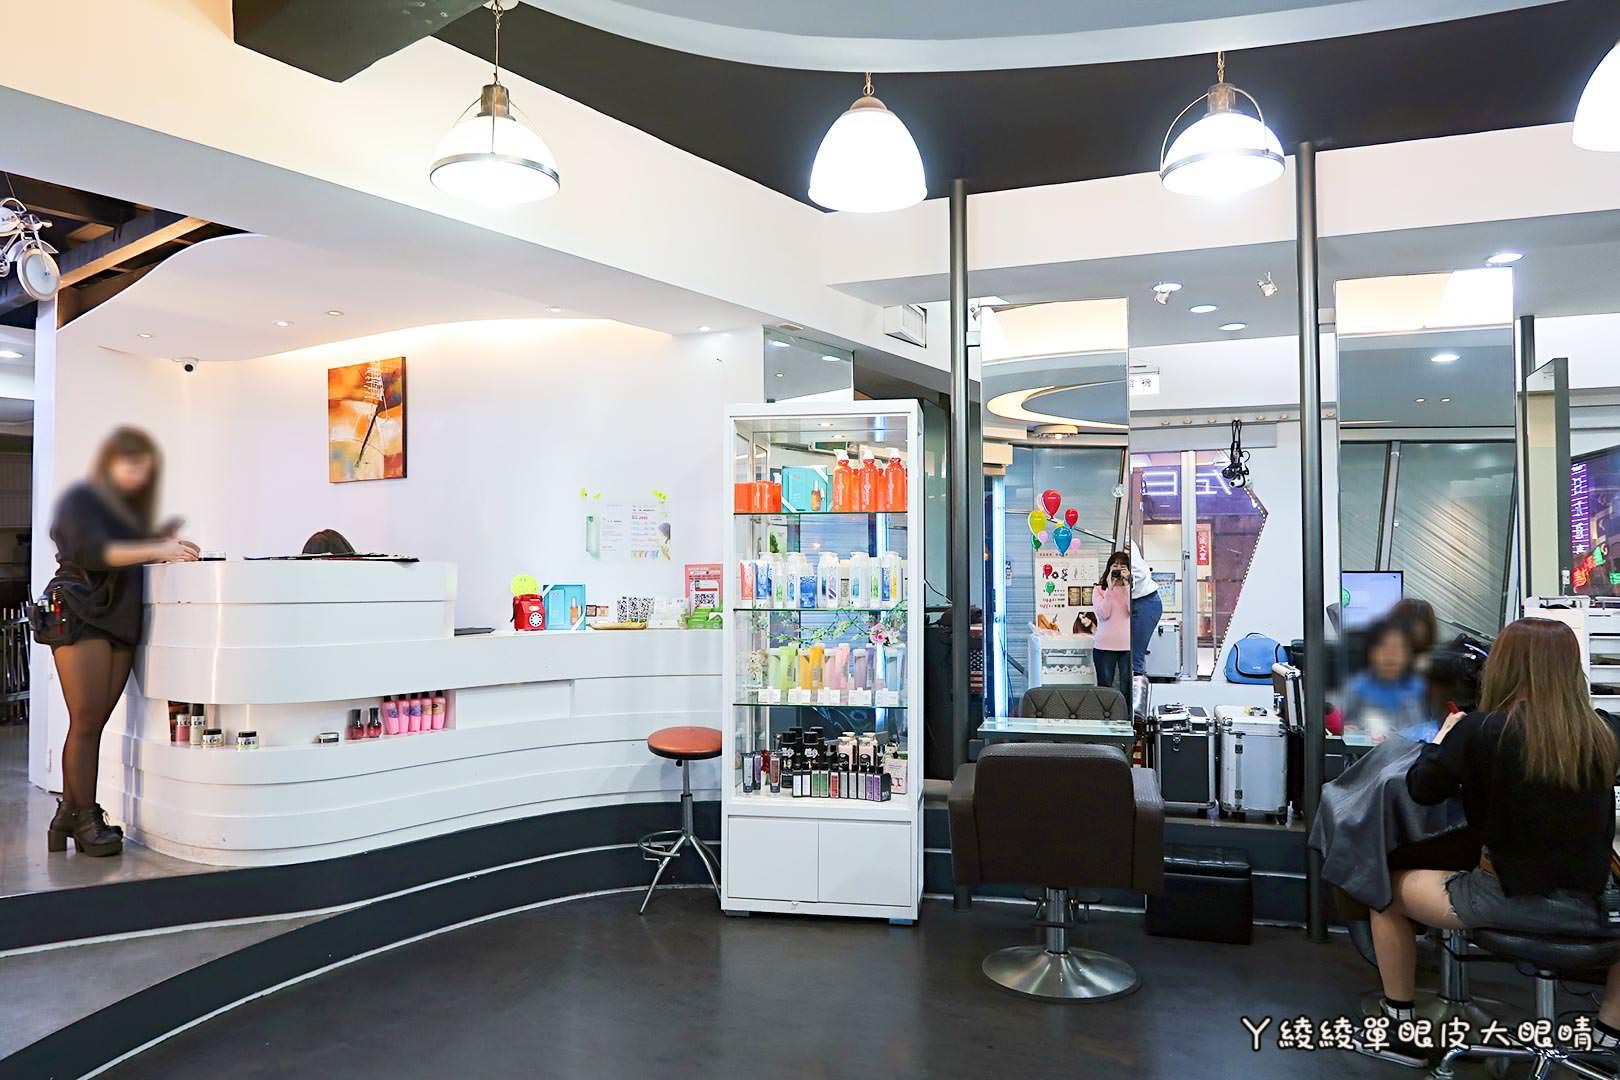 台北西門町護髮|頭皮養護推薦髮型設計師,《尚洋髮藝成都店》超大彩繪塗鴉牆成顯眼地標